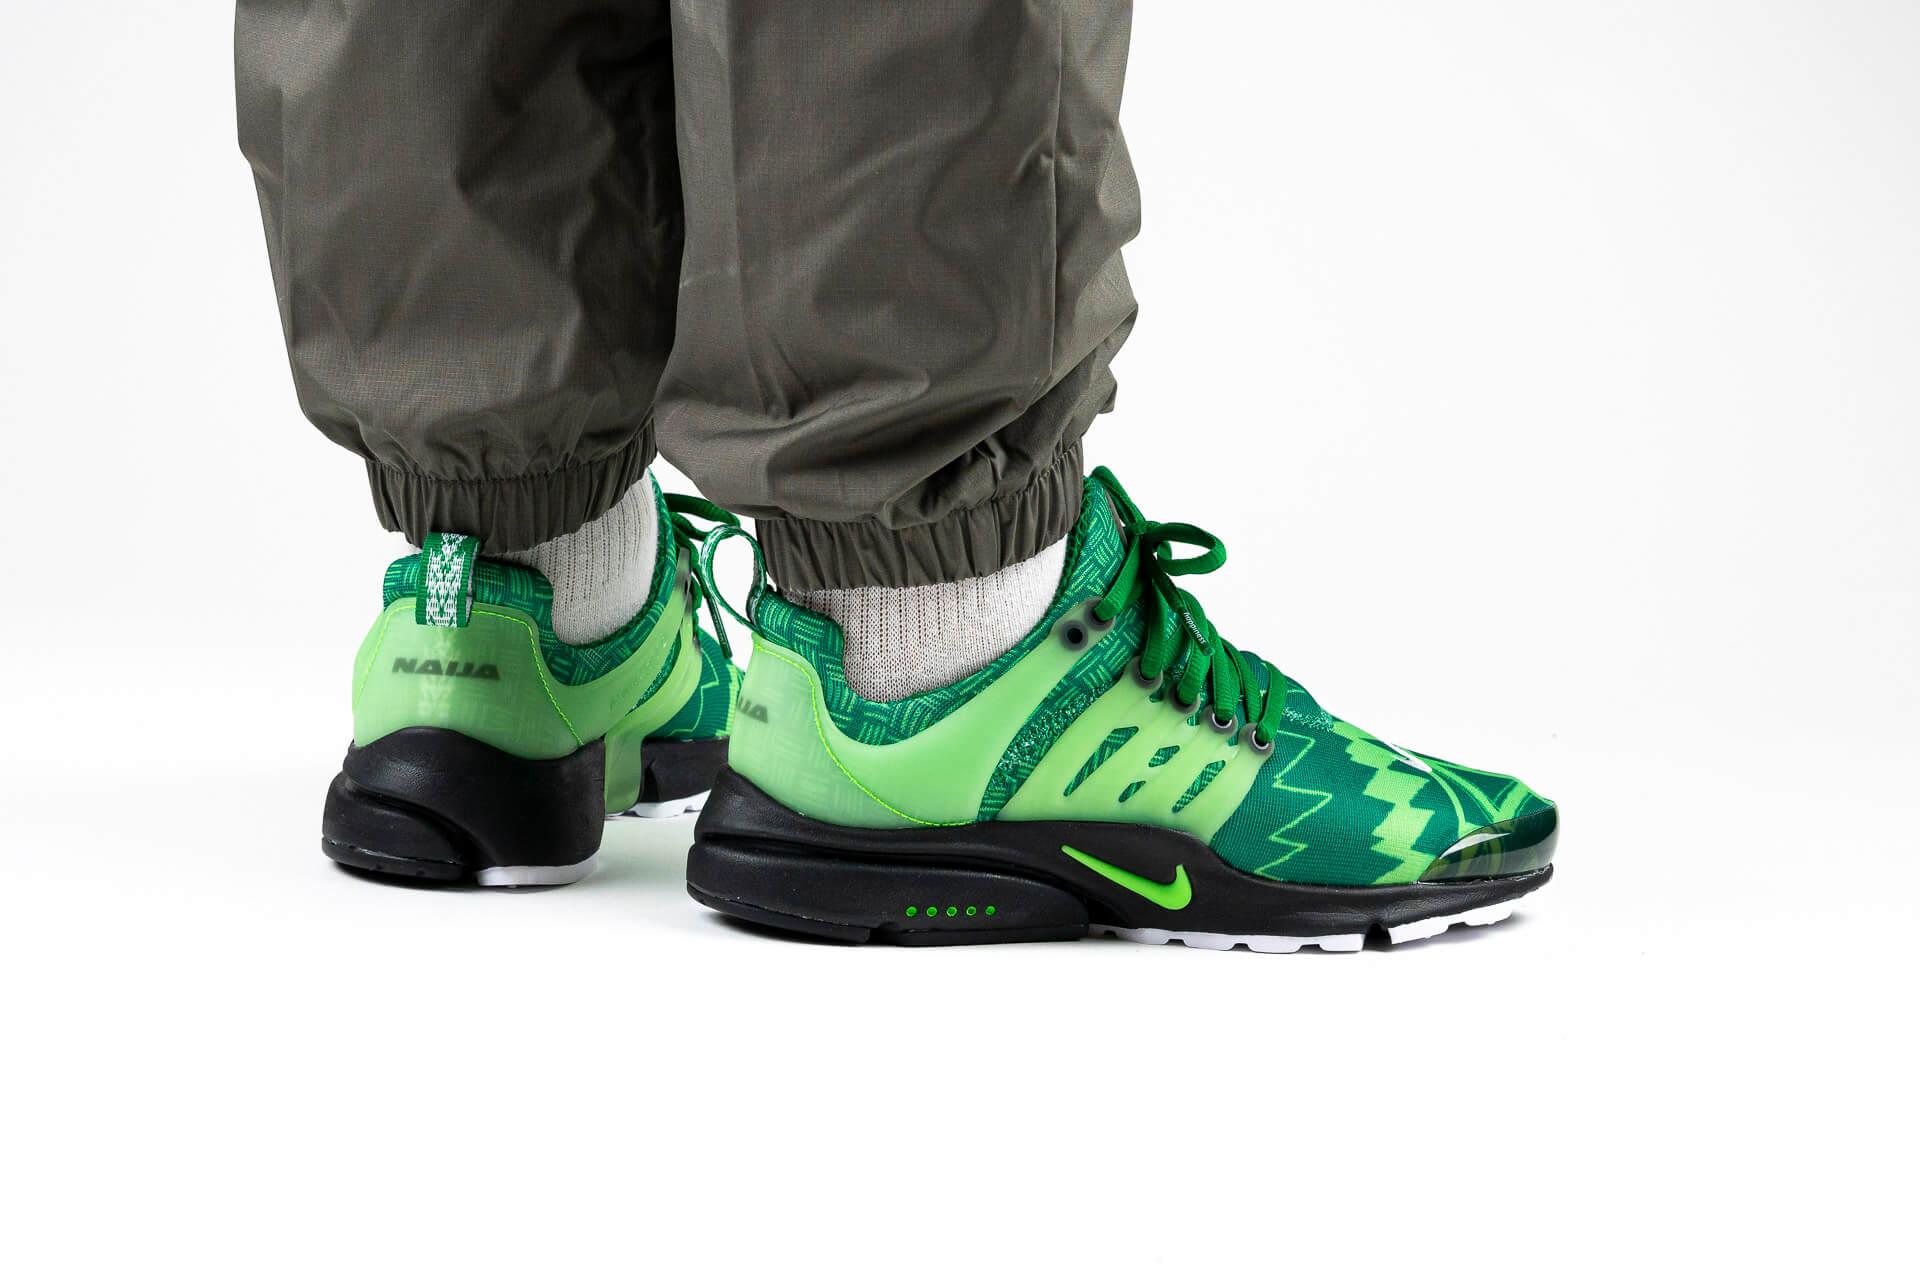 zeigt Air Presto Naija von Nike